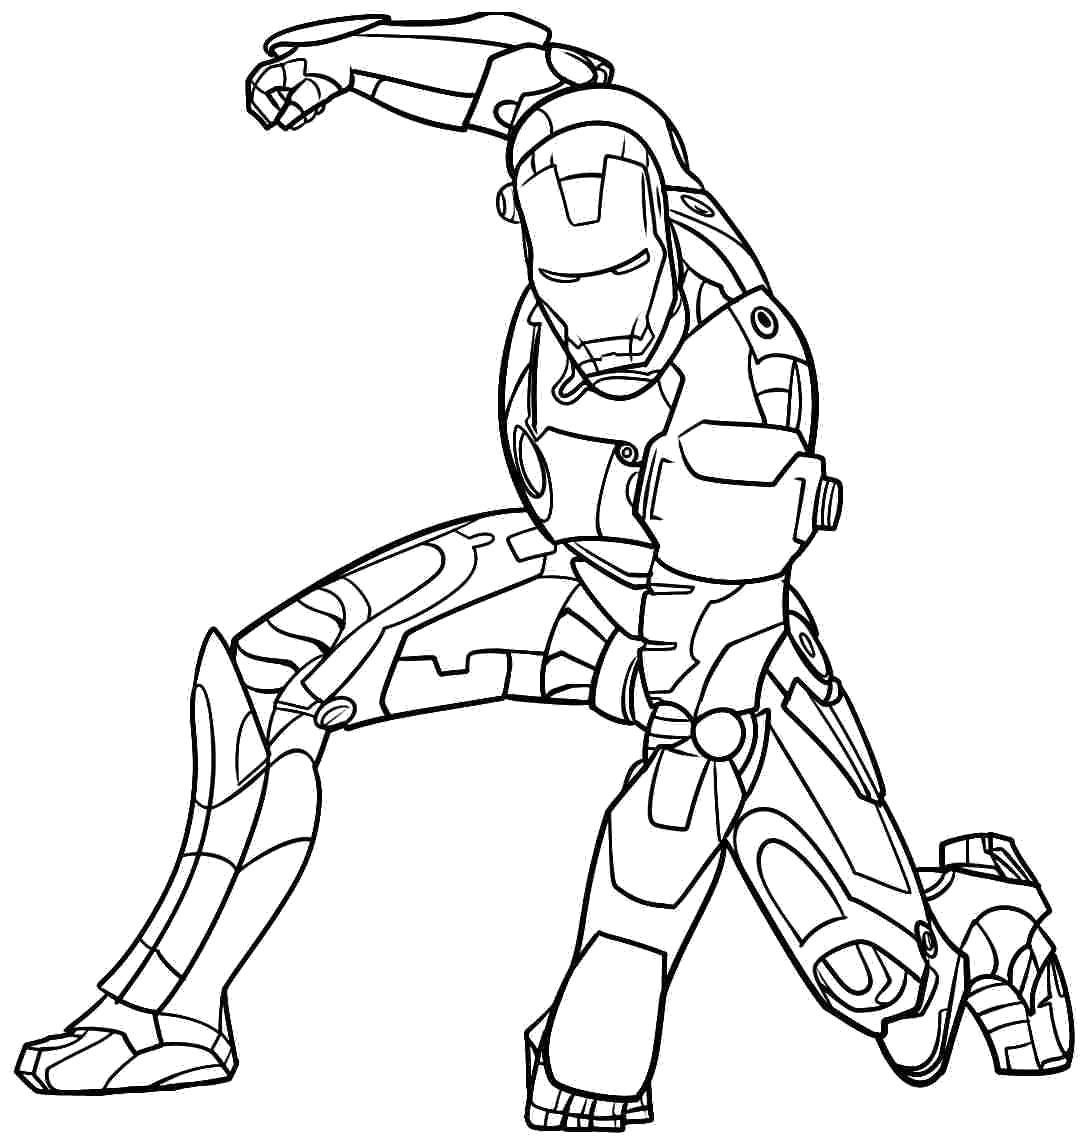 раскраски с изображением железного человека для мальчиков